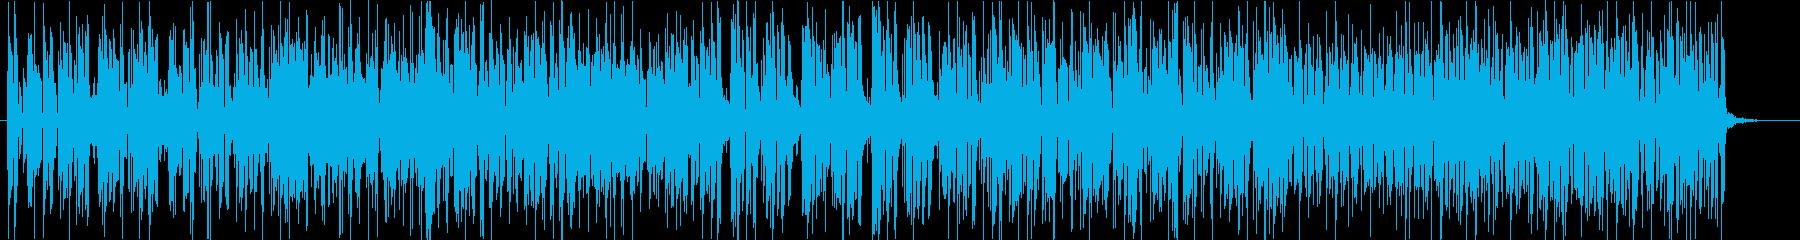 ジャジーなギターインストの再生済みの波形